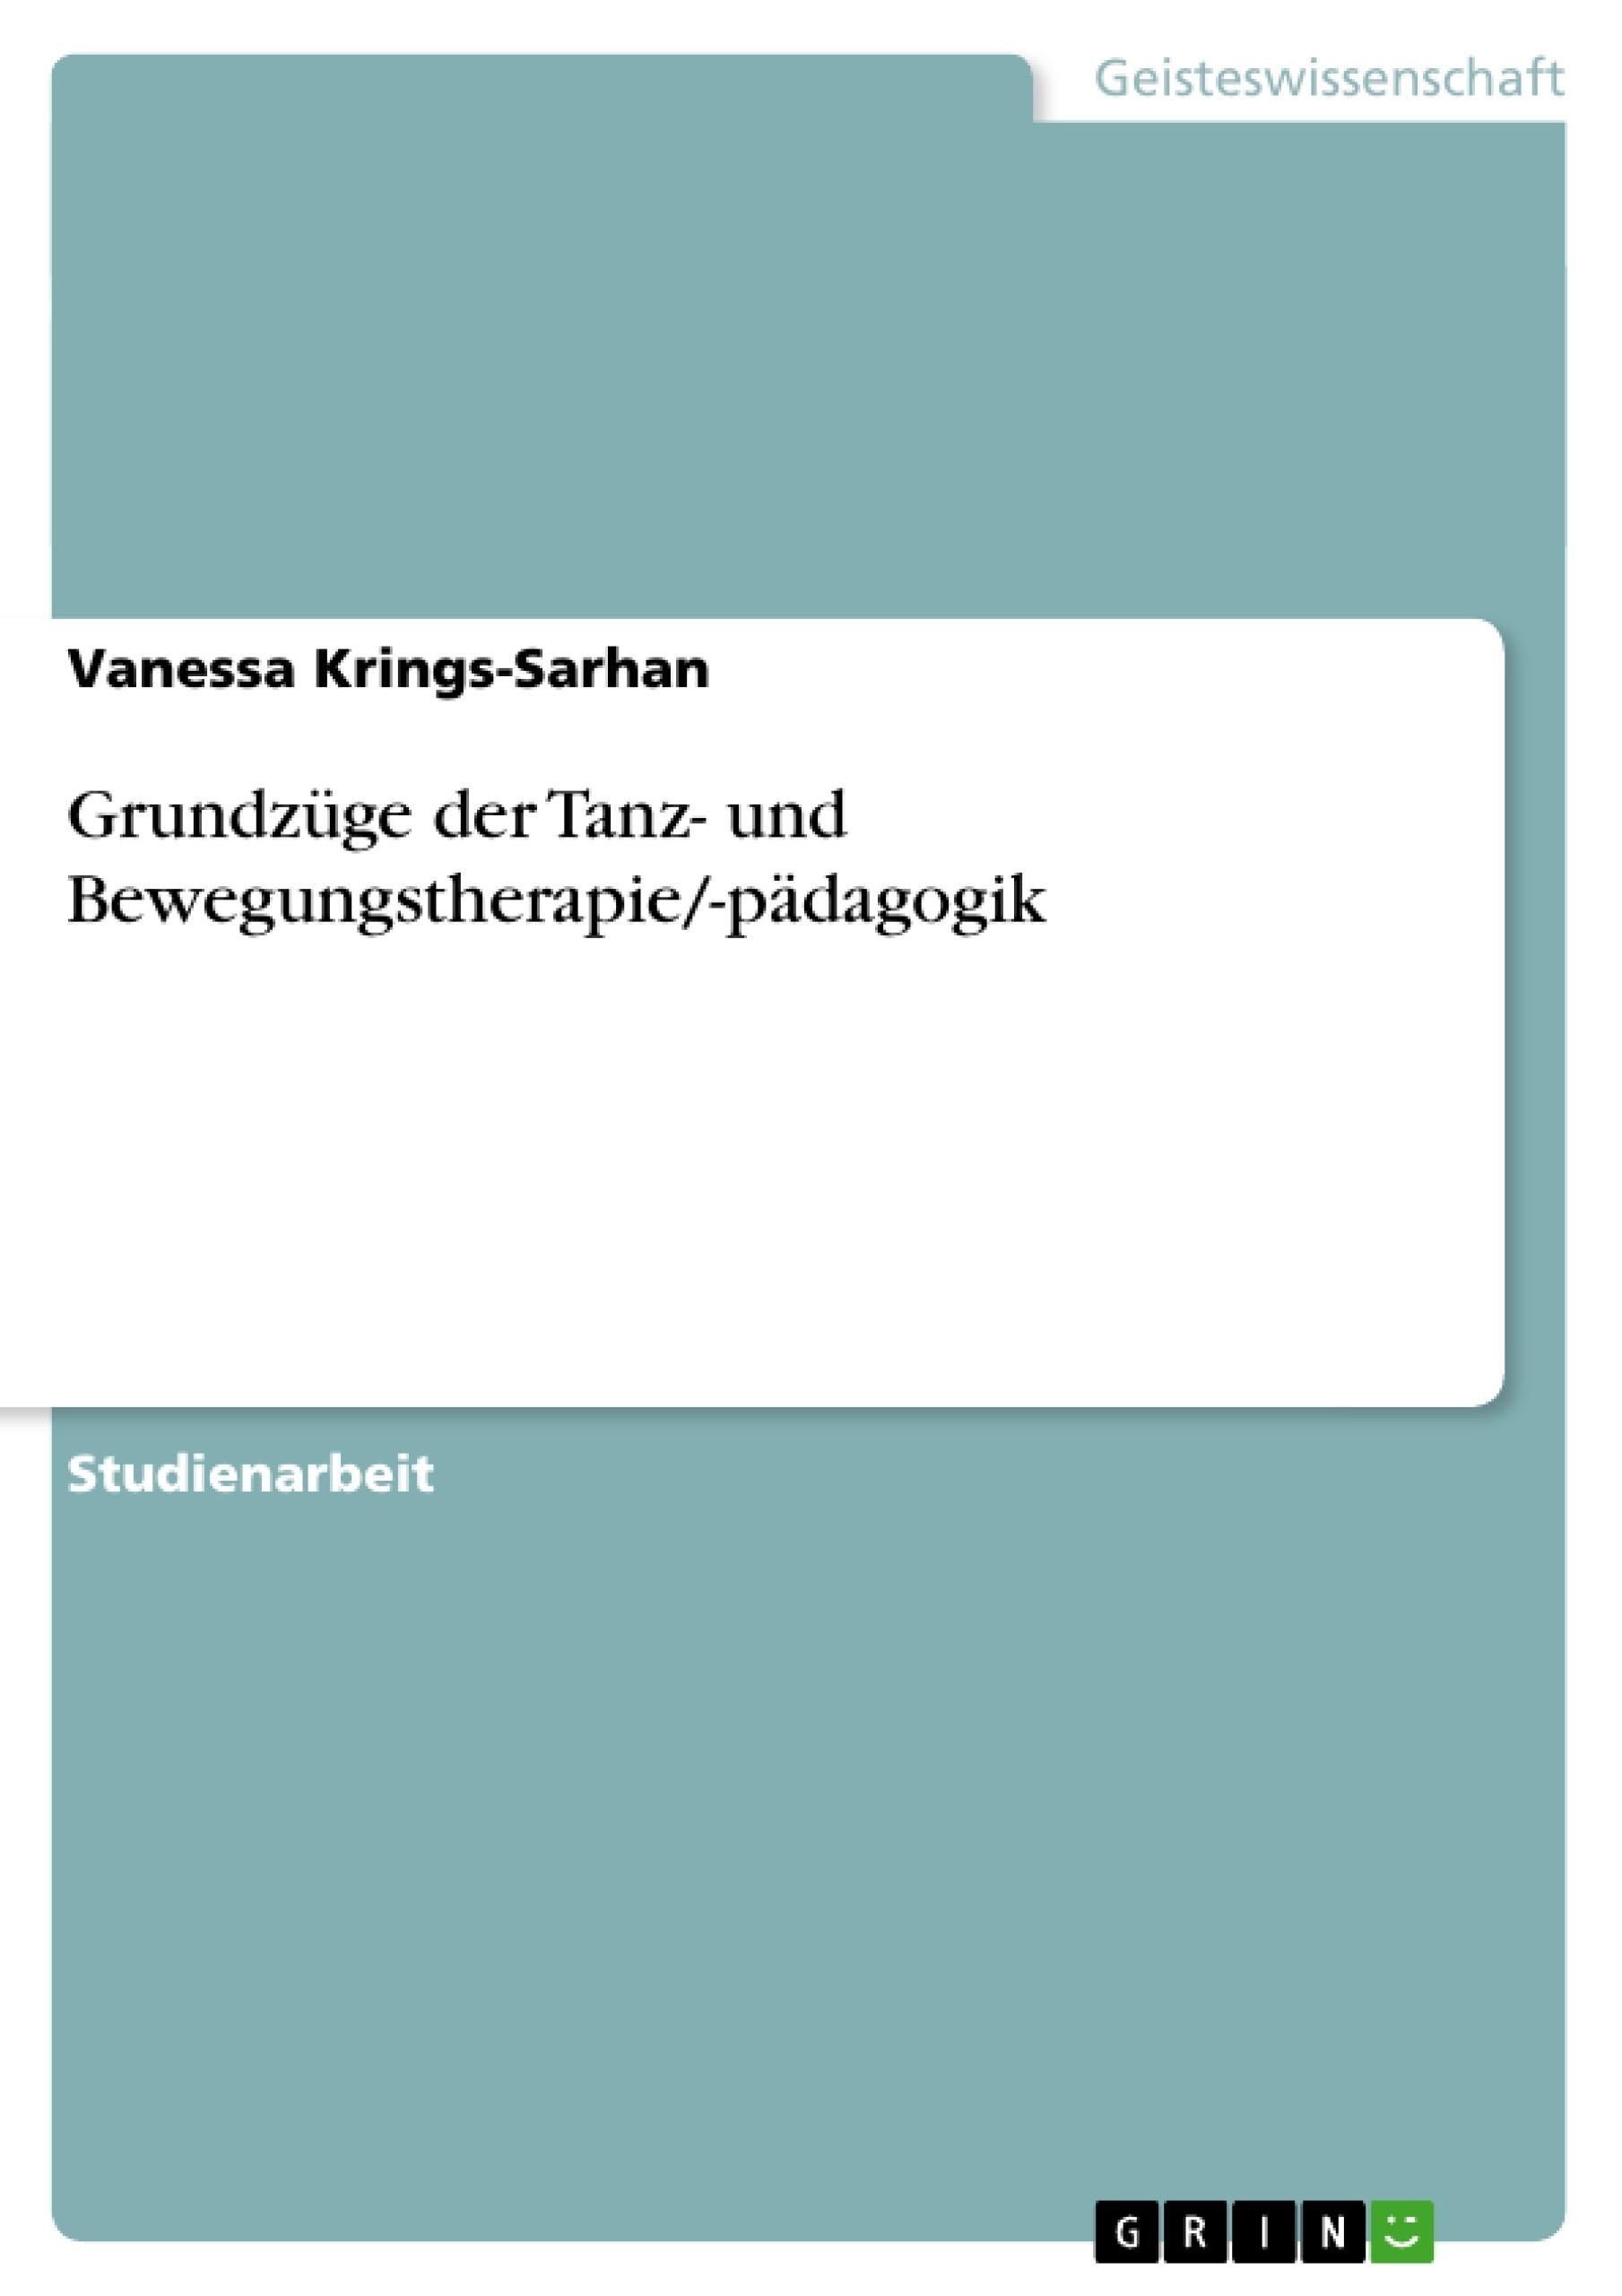 Titel: Grundzüge der Tanz- und Bewegungstherapie/-pädagogik